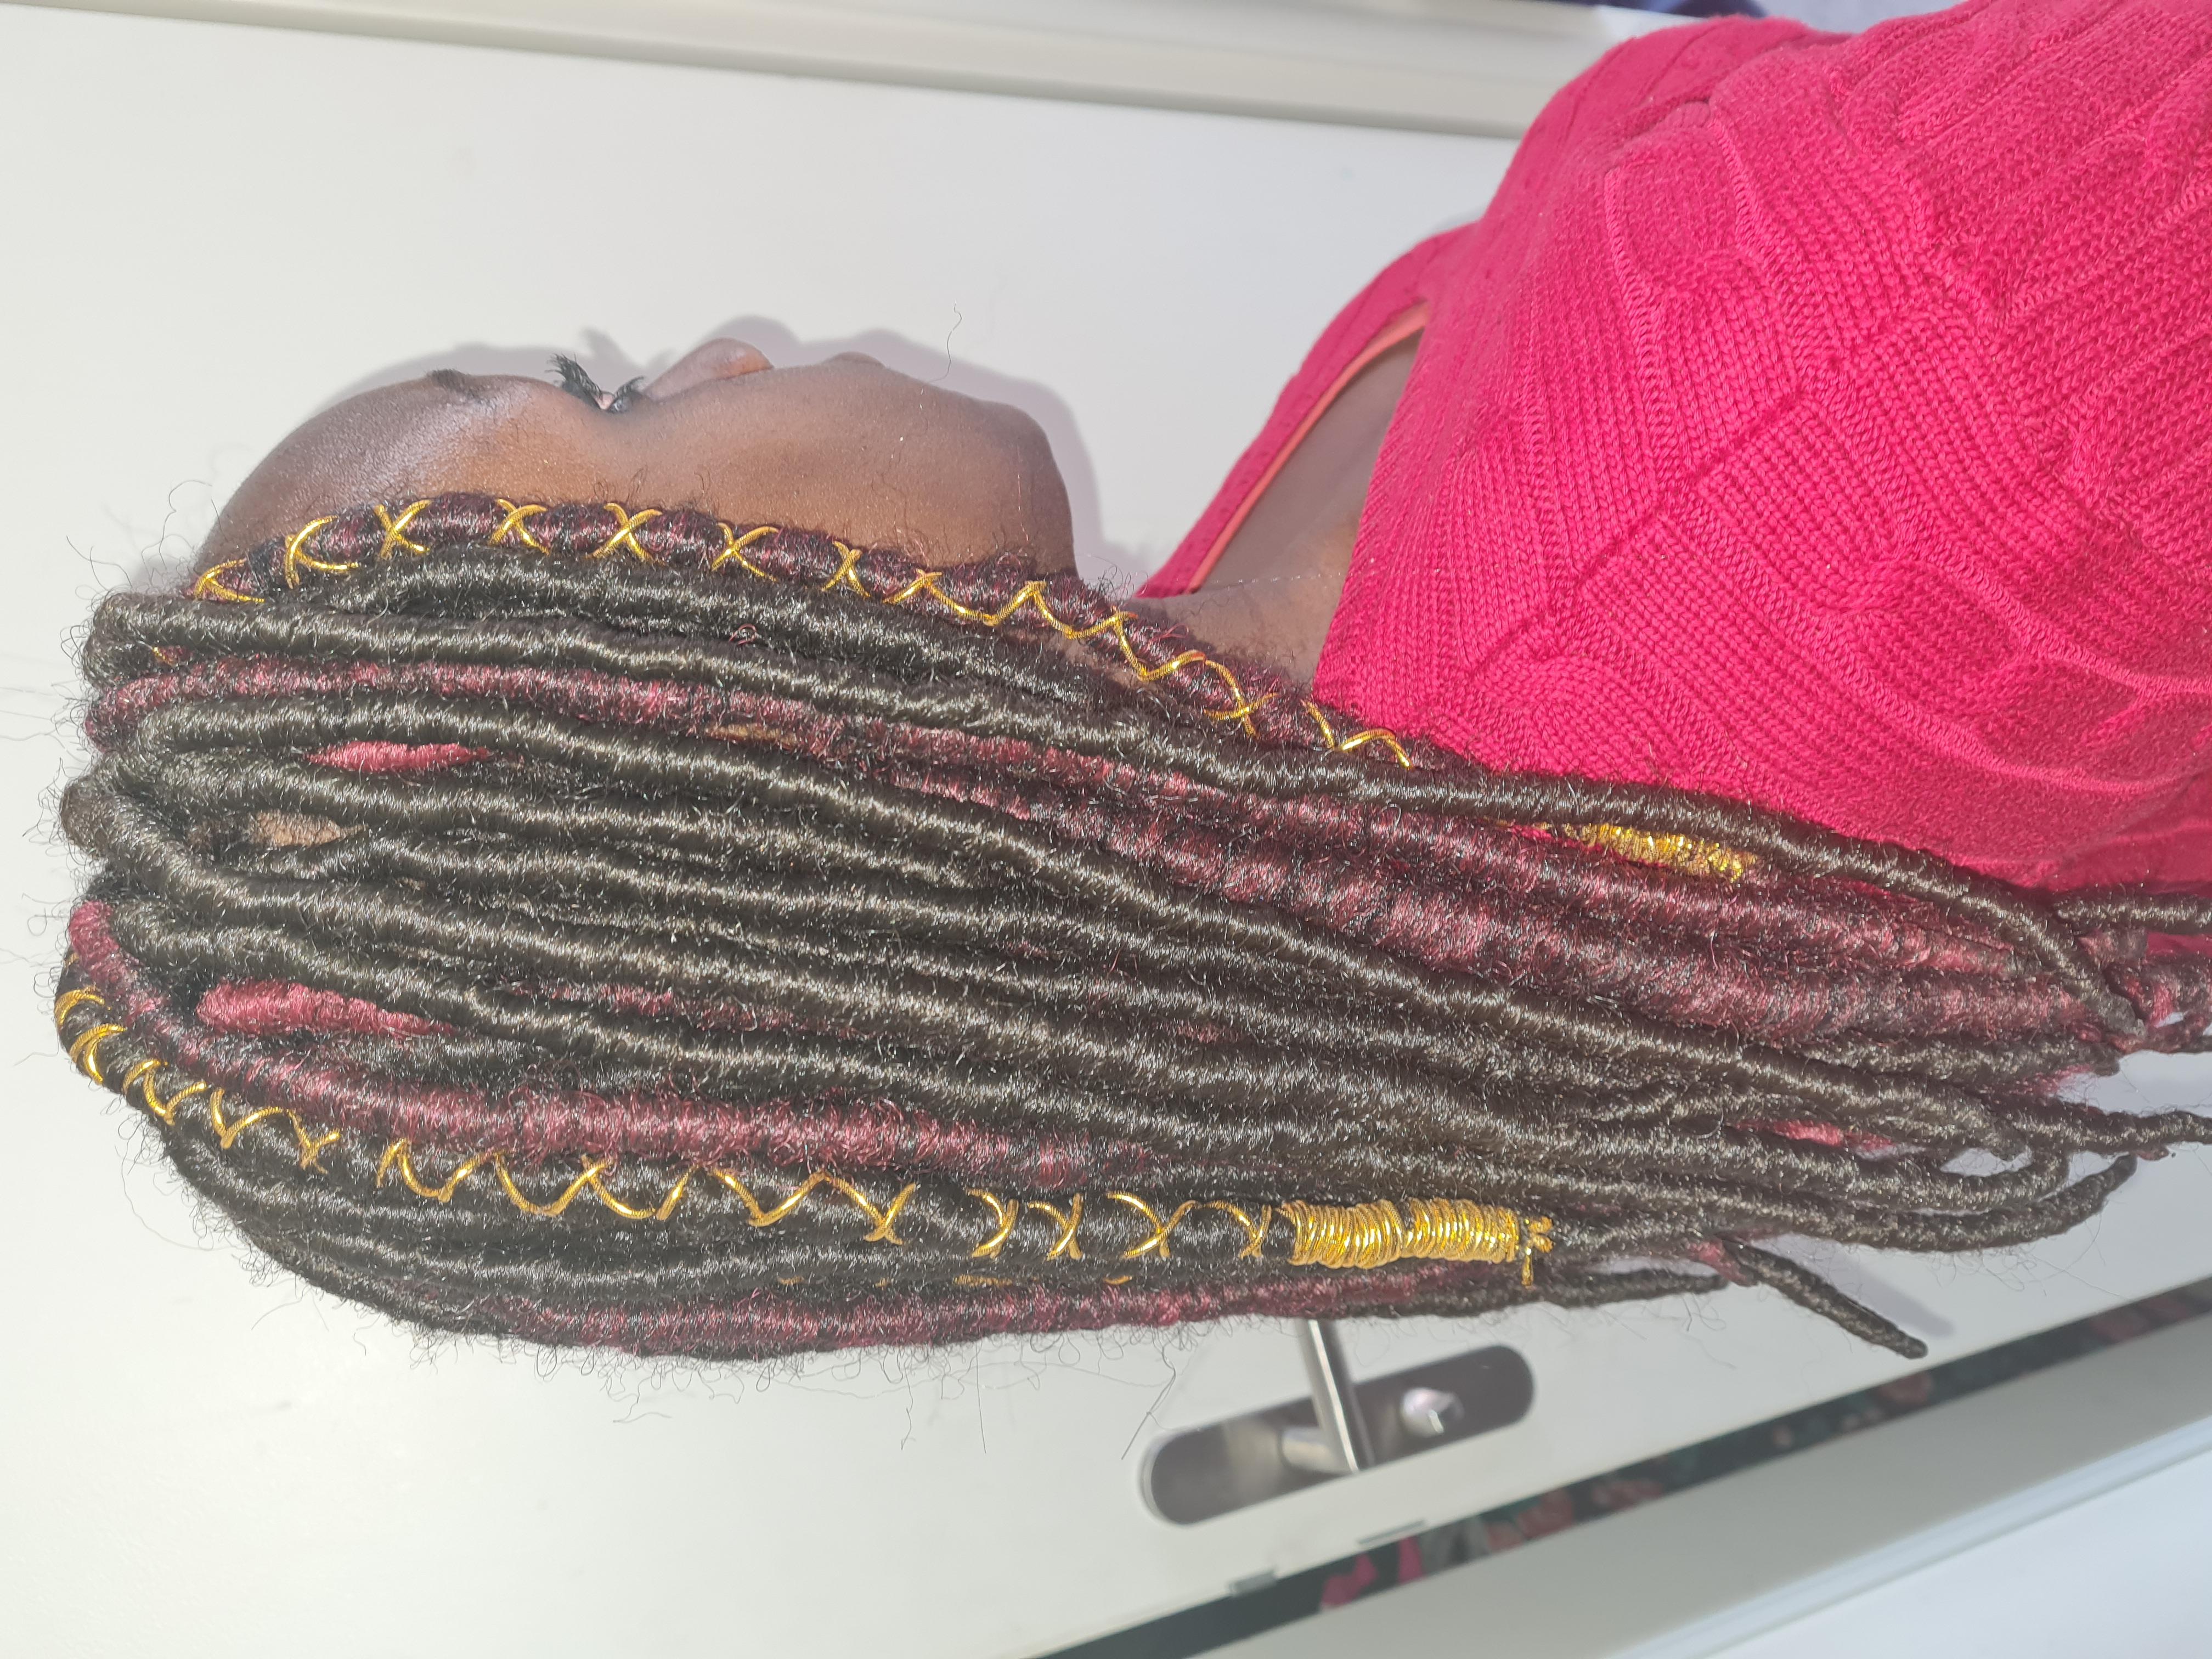 salon de coiffure afro tresse tresses box braids crochet braids vanilles tissages paris 75 77 78 91 92 93 94 95 UQYETNWZ